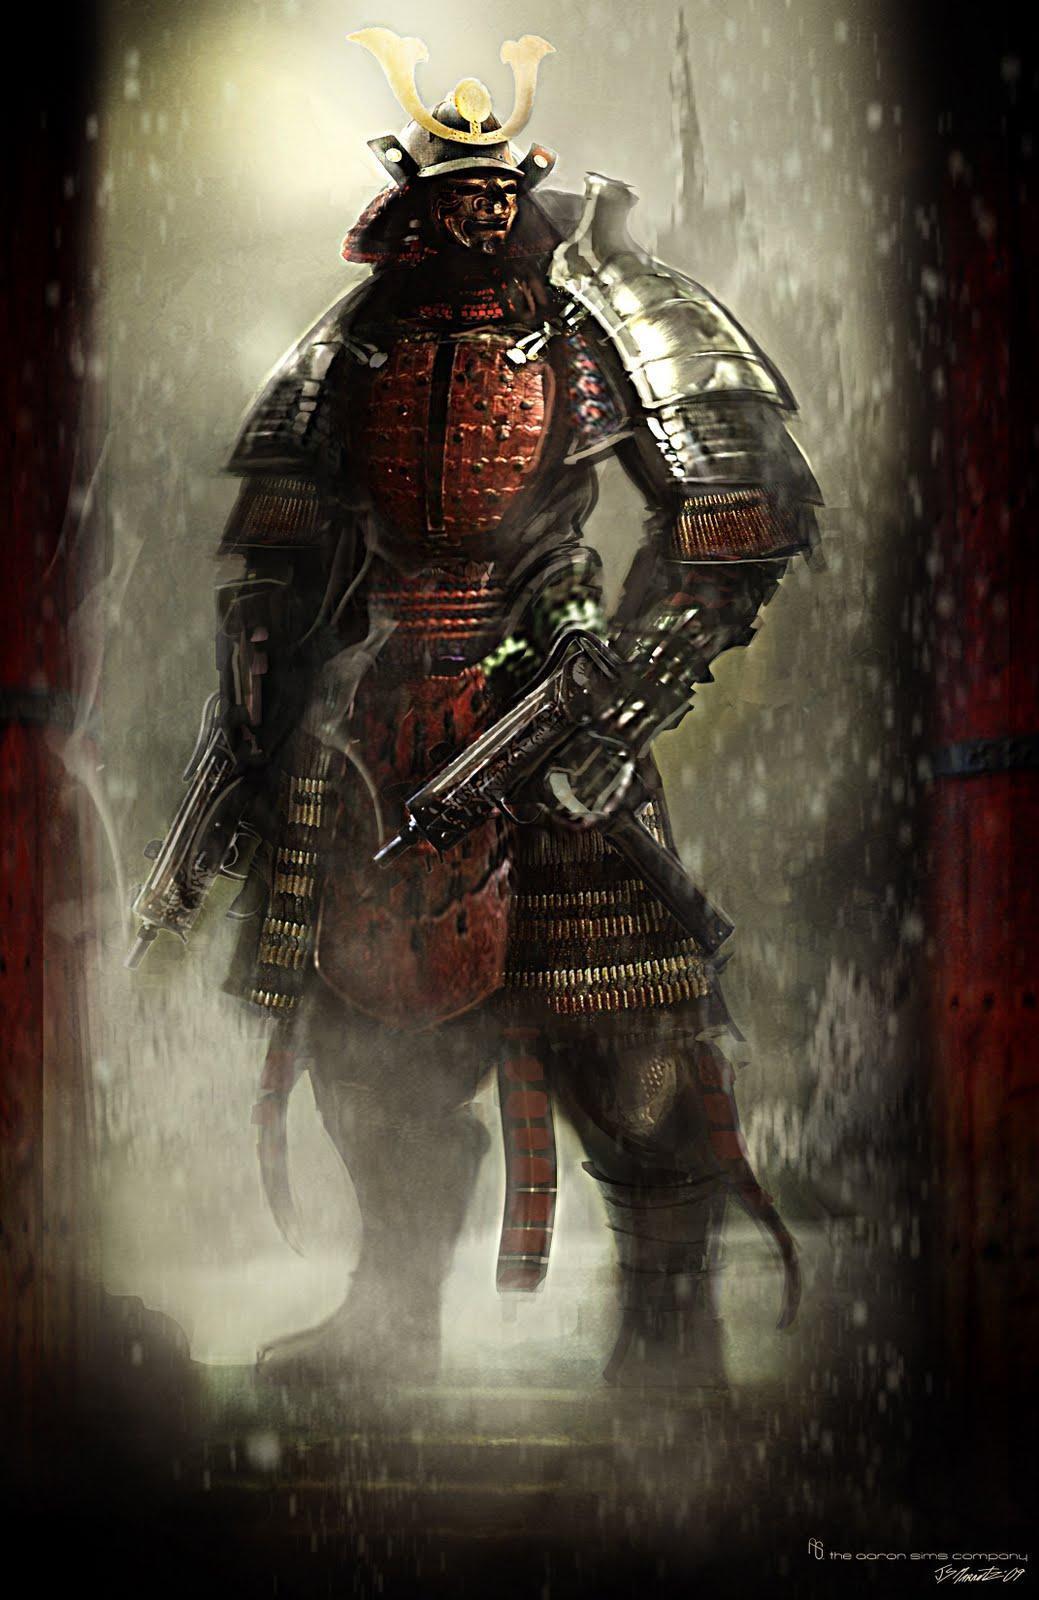 Ninja or Samurai 1039x1600